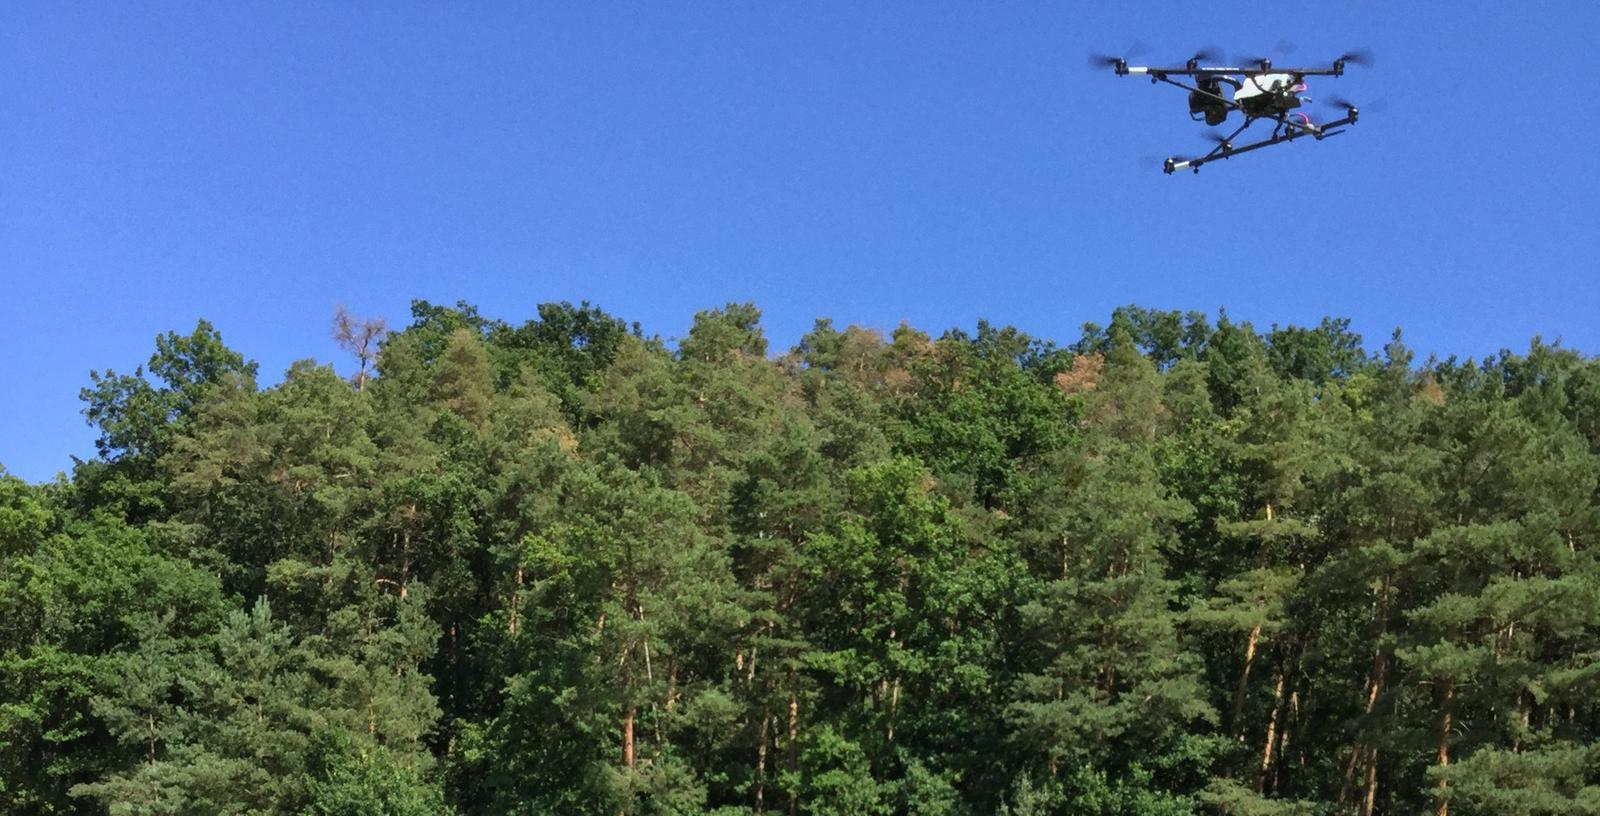 Die Kameradrohne im Anflug auf den Kiefernwald. Deutlich sind die Verfärbungen an einigen Bäumen erkennbar.